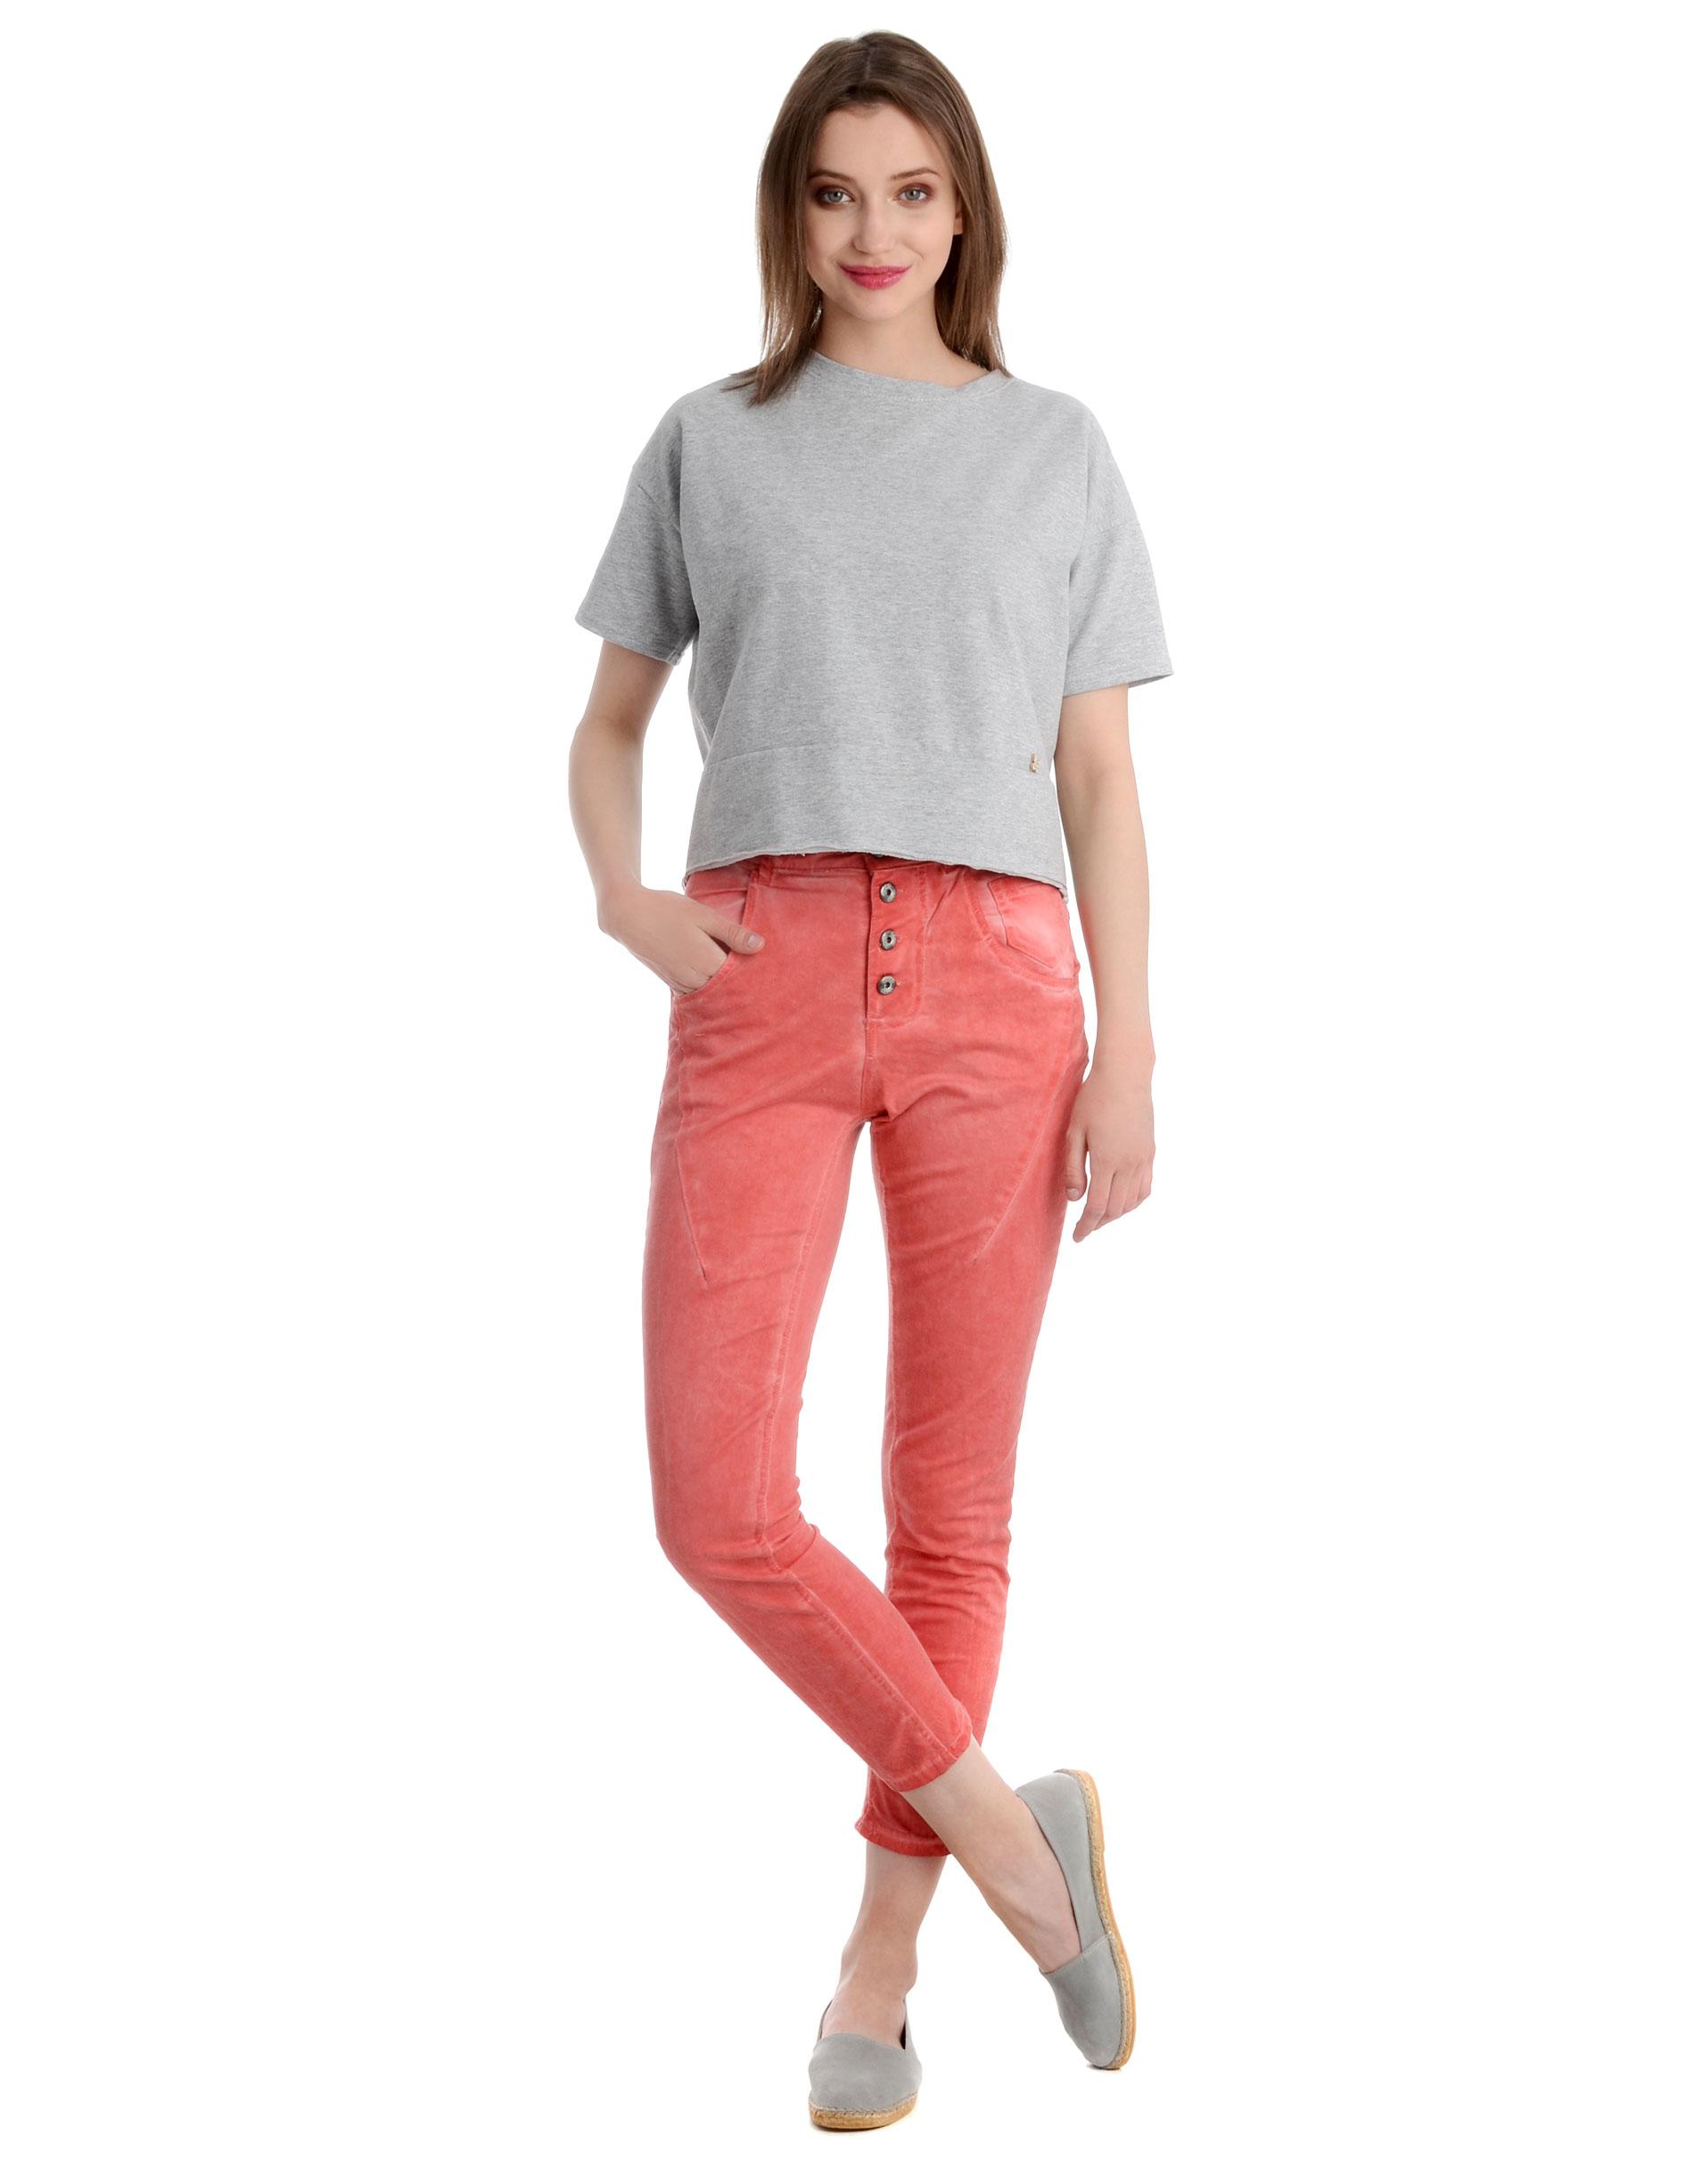 Spodnie - 146-168115 RO - Unisono